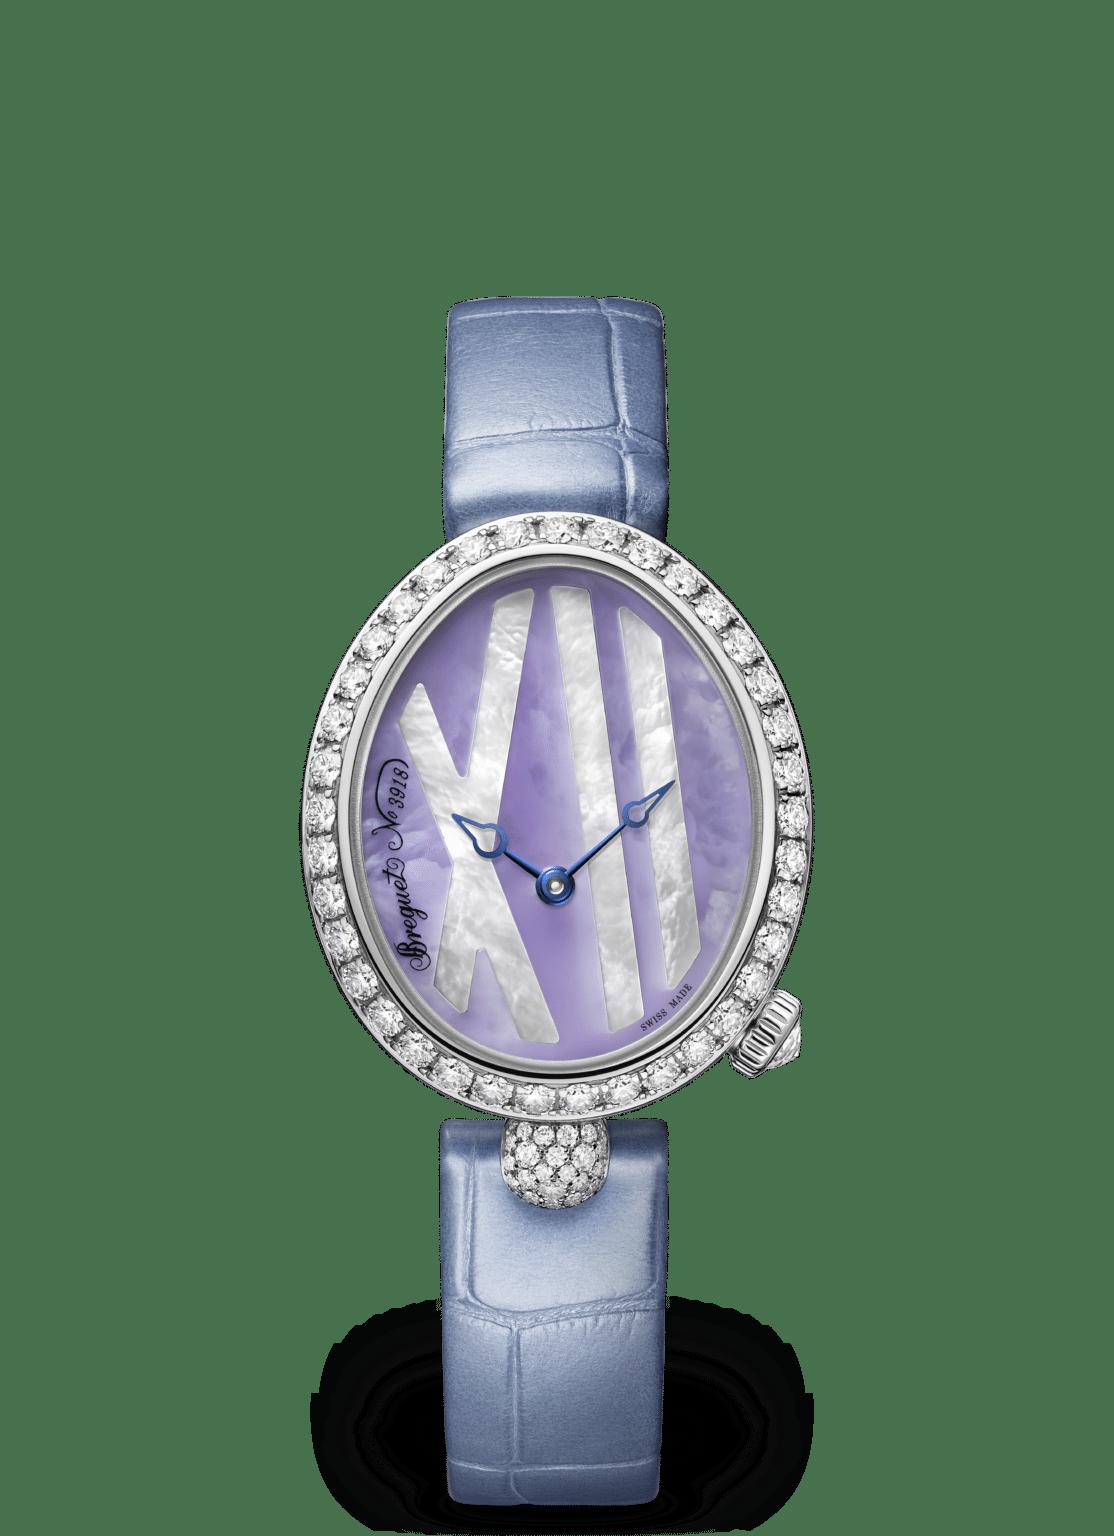 Breguet – Reine de Naples – Reine de Naples - Wagner Bijouterie Uhren